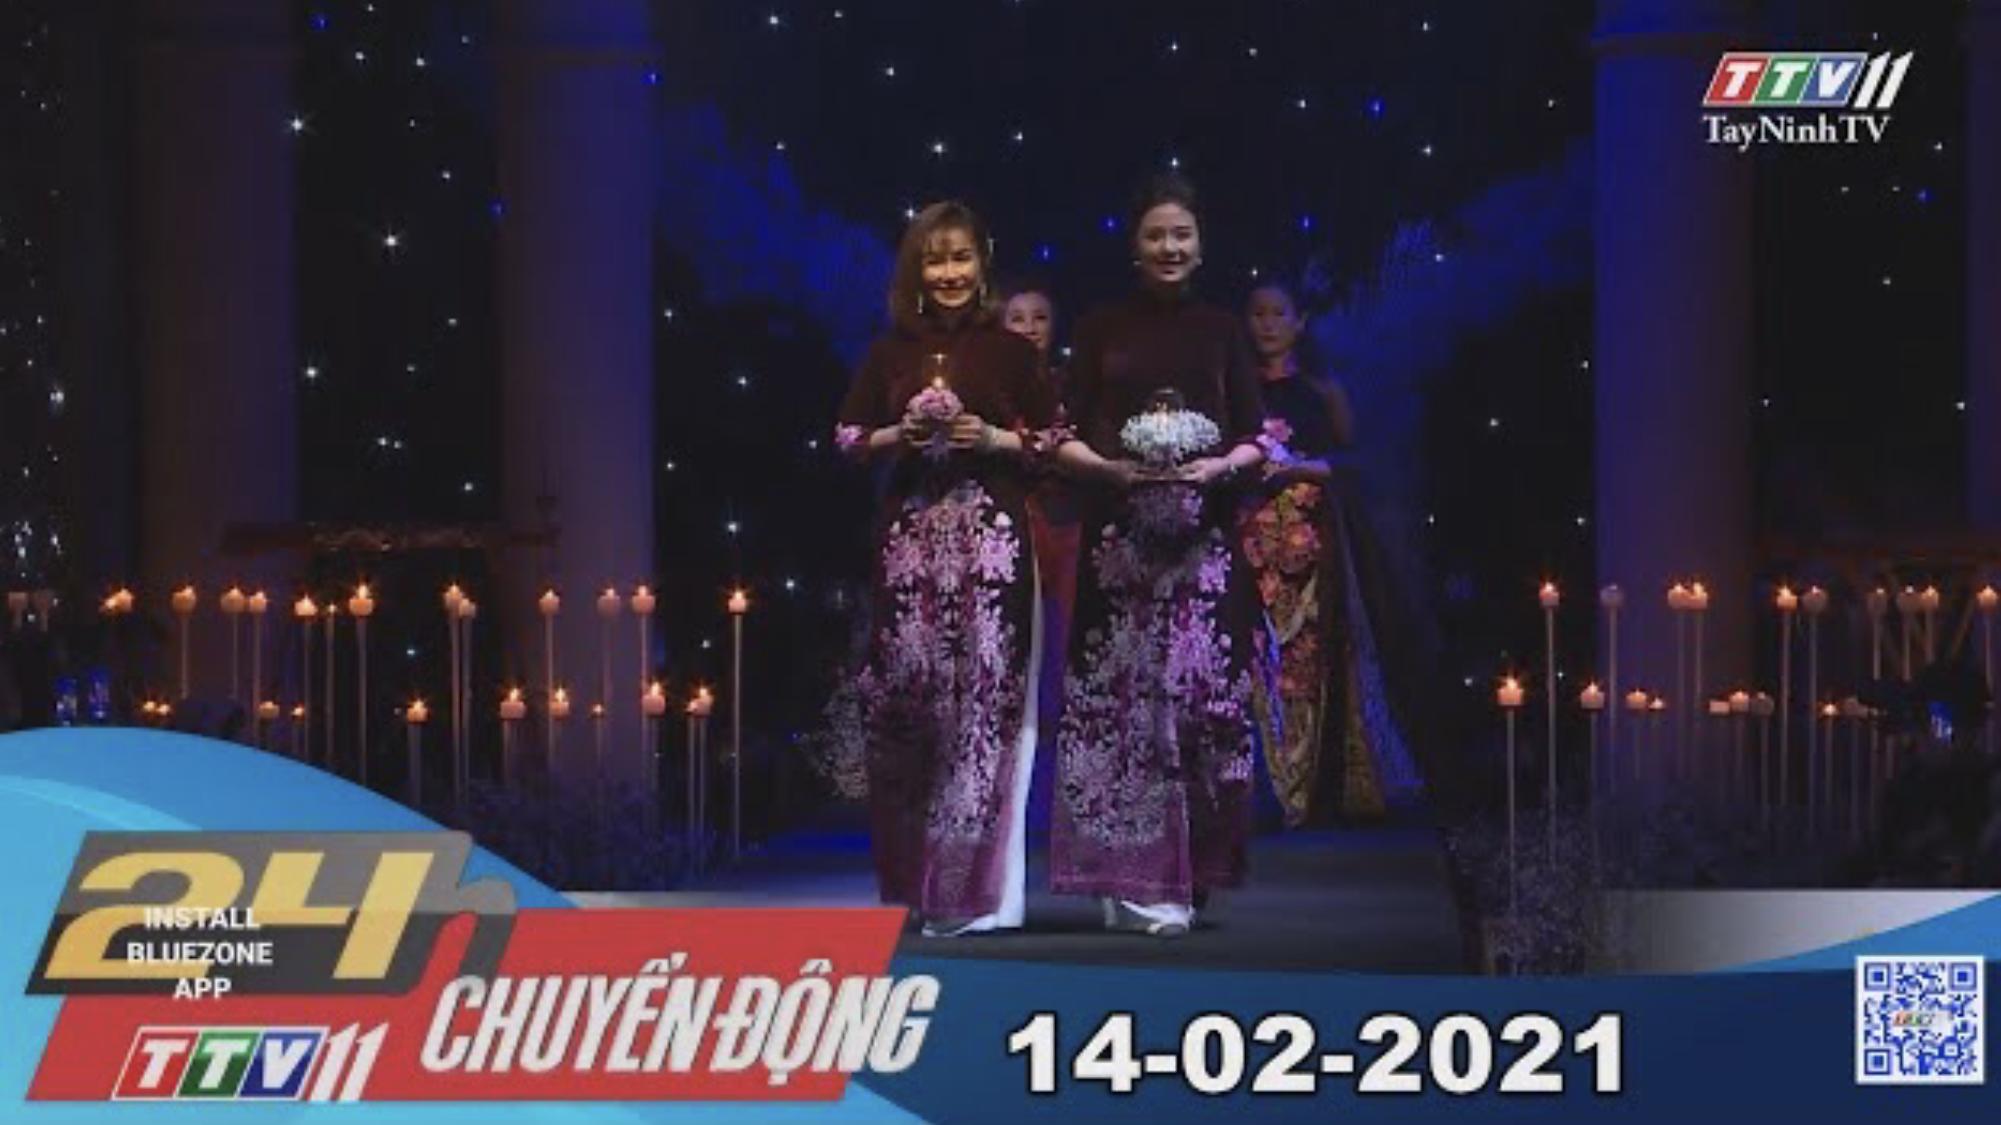 24h Chuyển động 14-02-2021 | Tin tức hôm nay | TayNinhTV